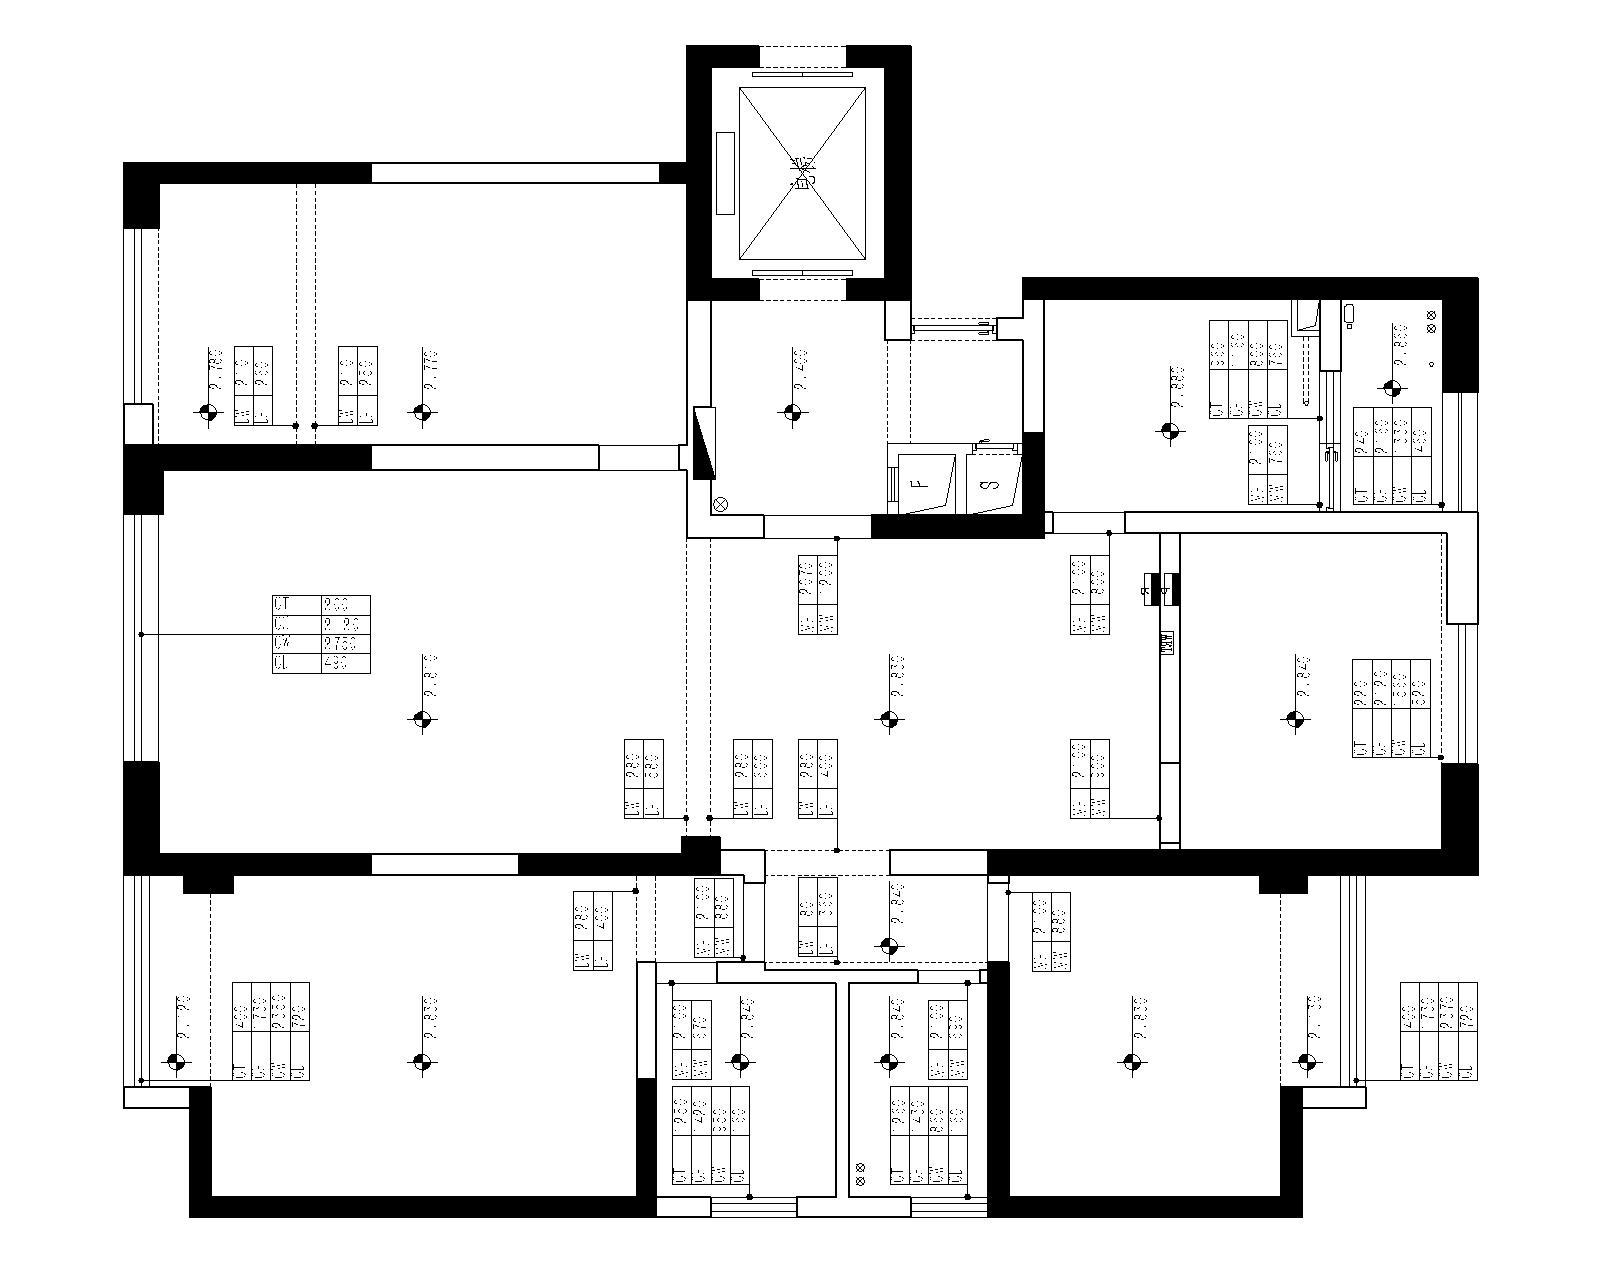 昆明海埂悦府160平米四居室现代简约风格装修效果图装修设计理念